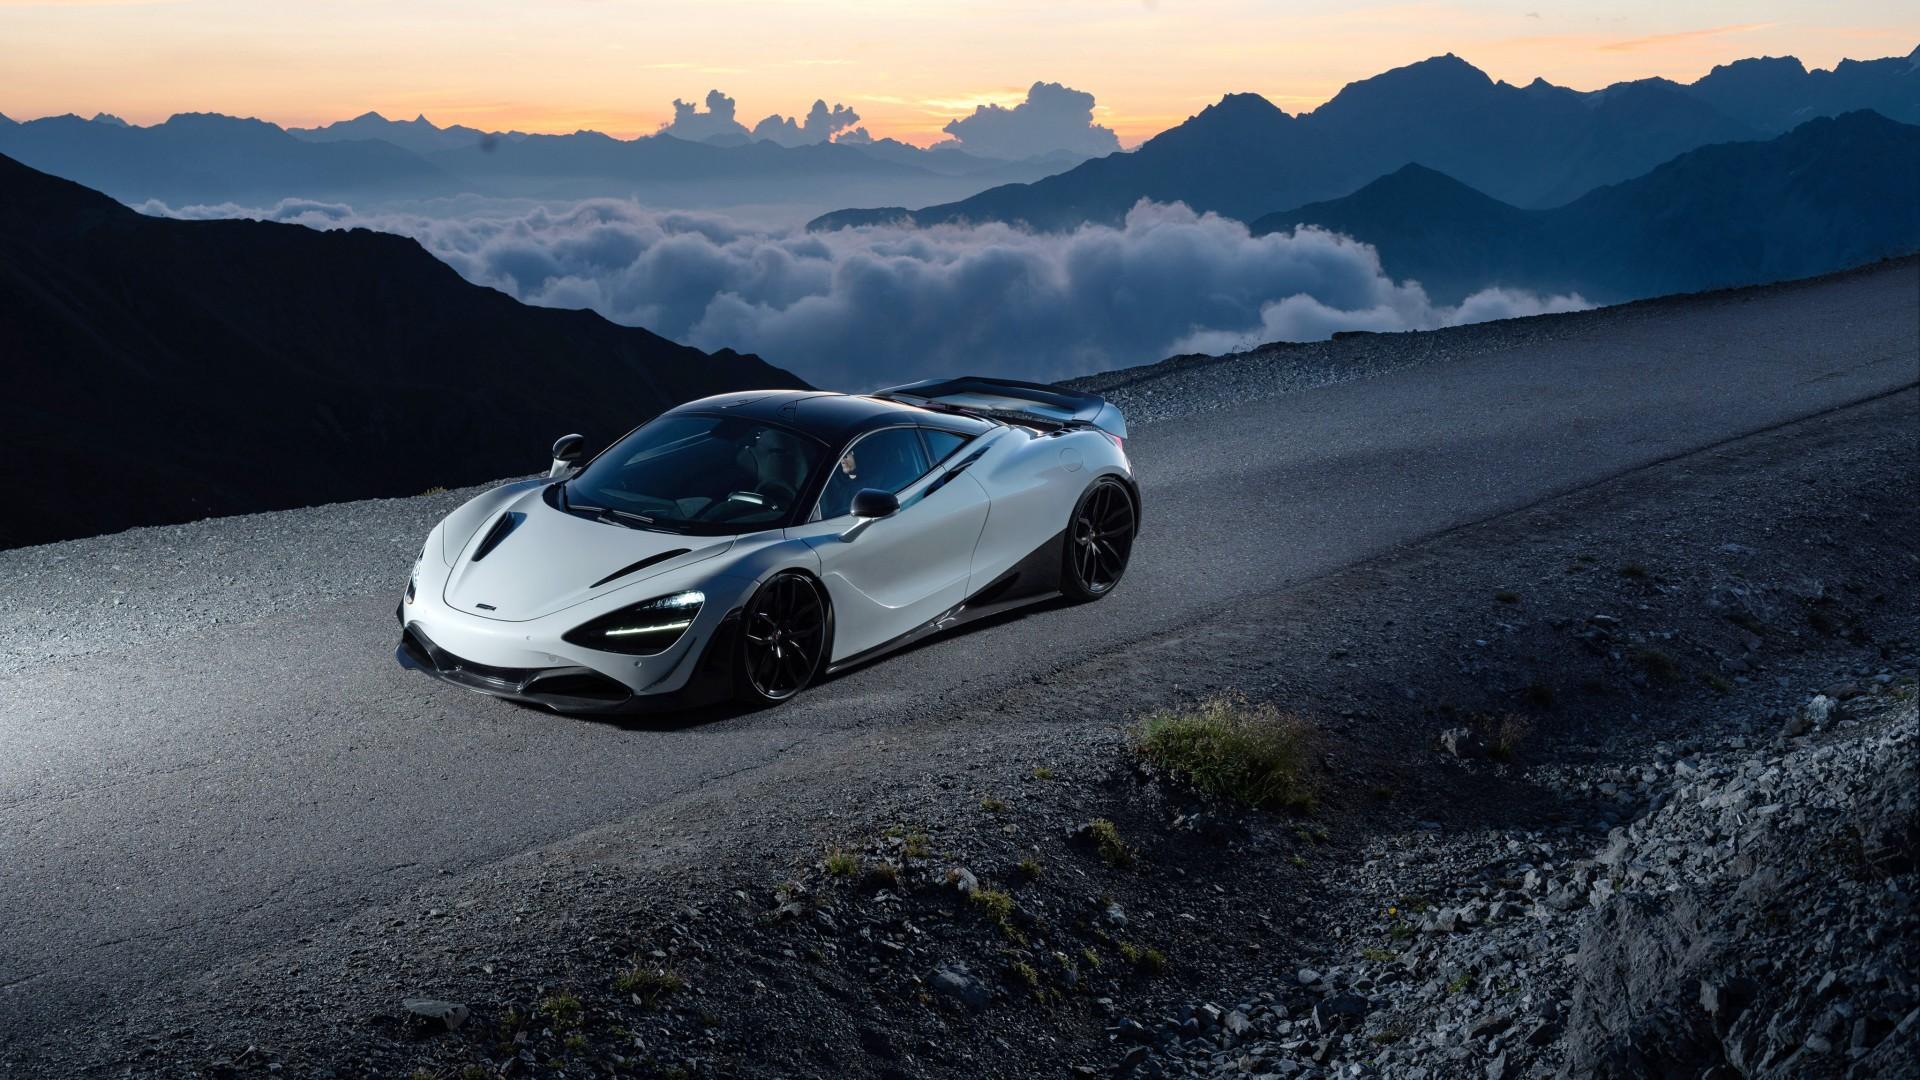 Novitec McLaren 720S 2018 4K Wallpaper | HD Car Wallpapers ...